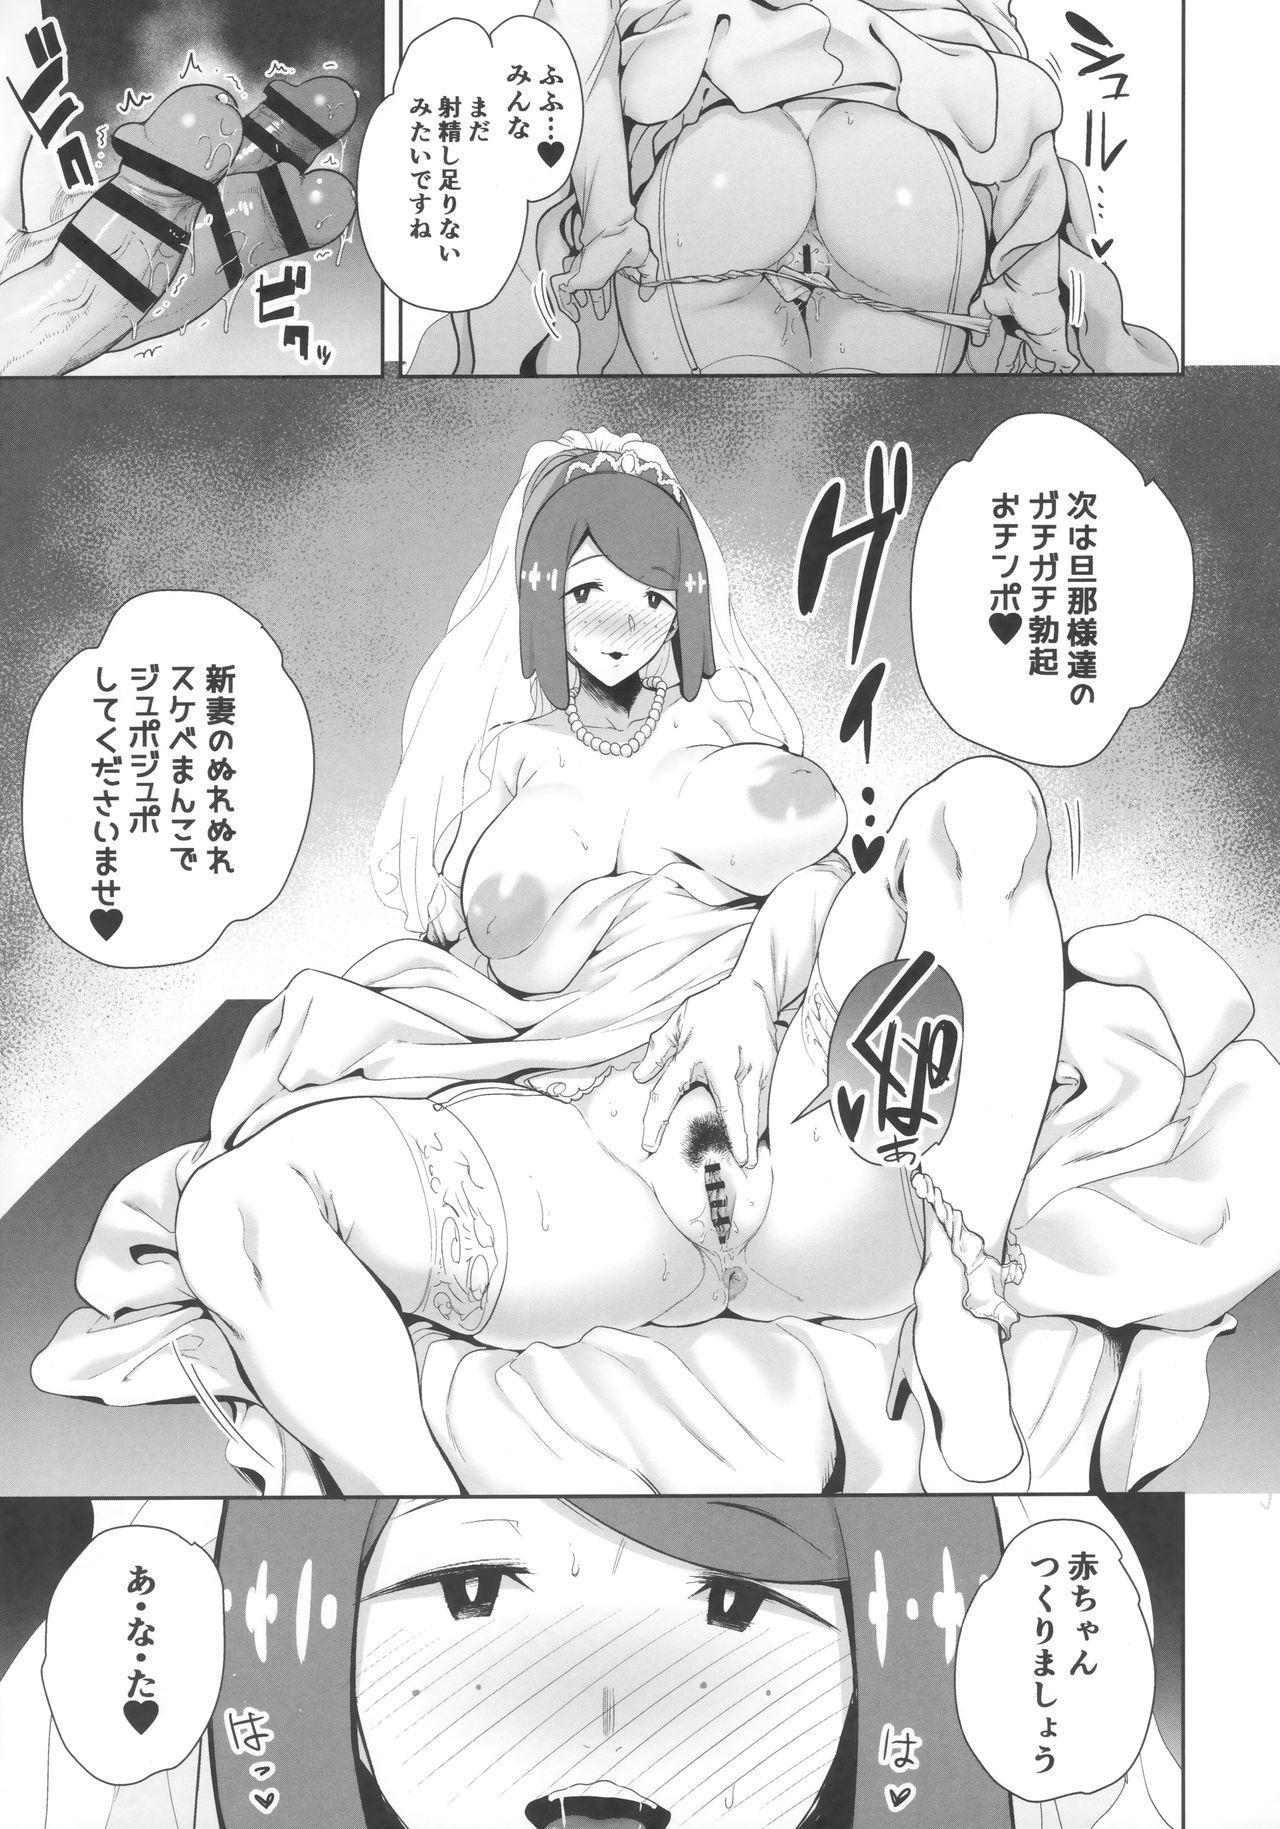 Alola no Yoru no Sugata 6 11